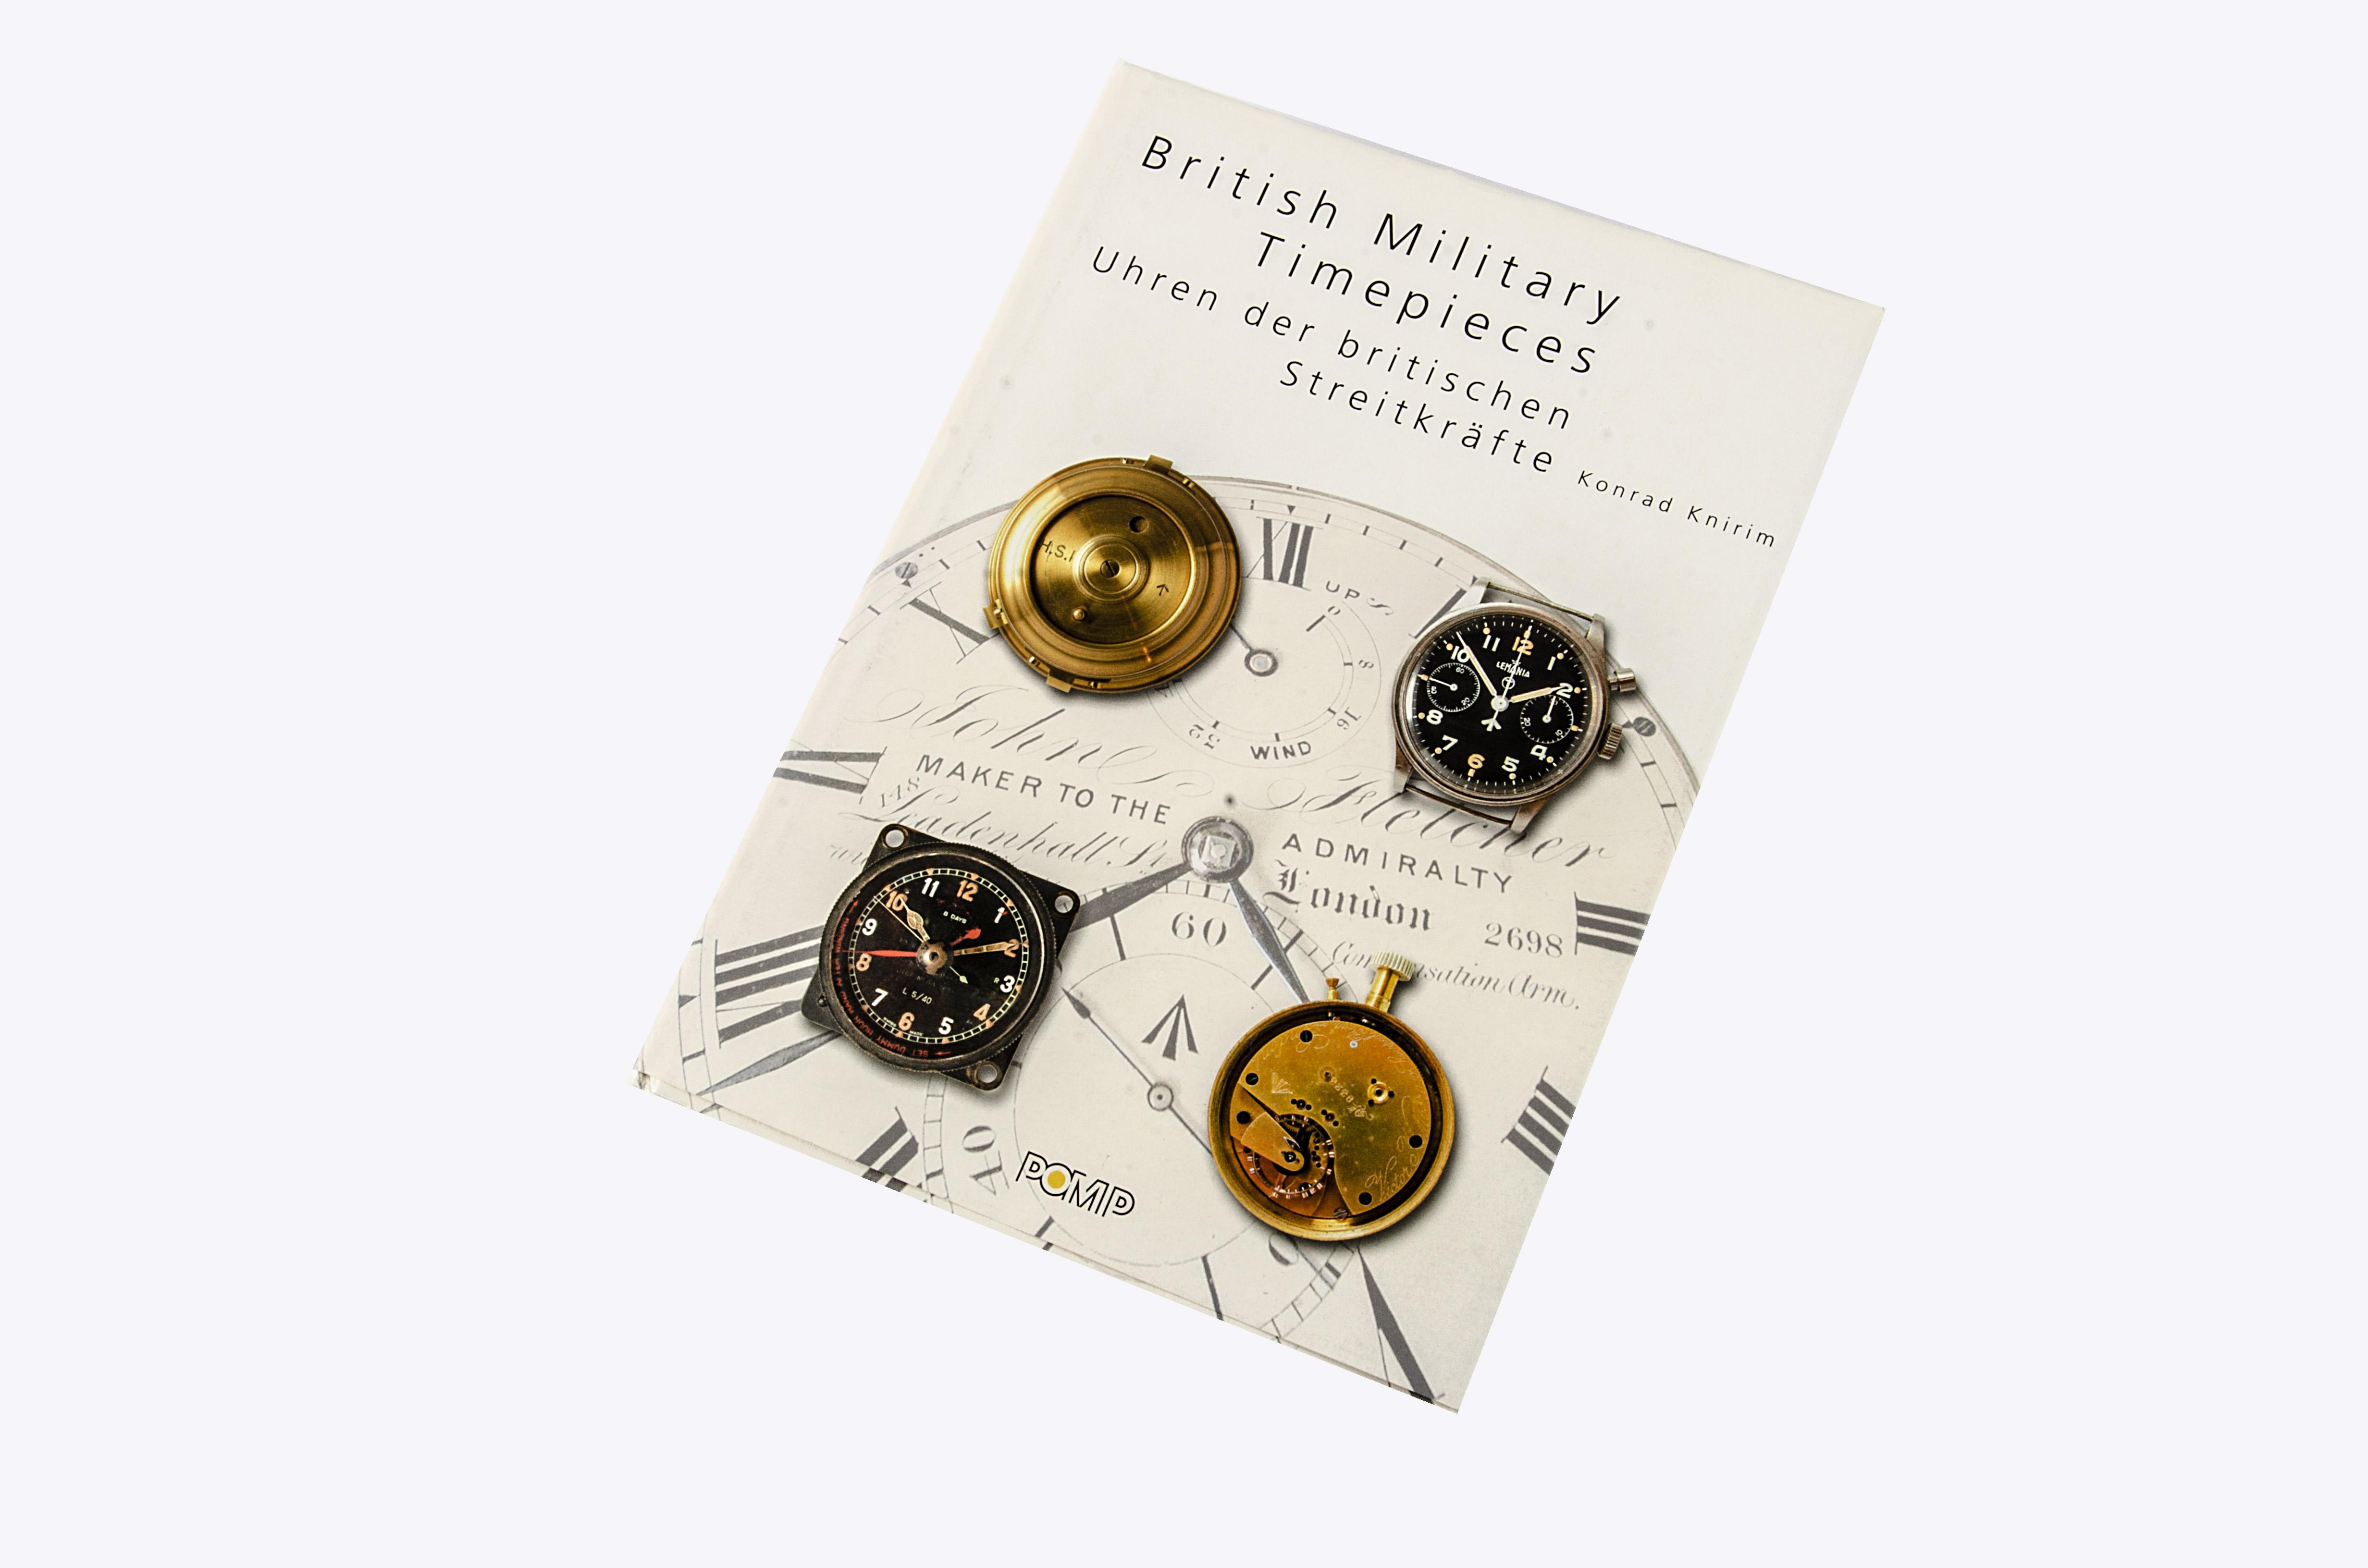 Book, British Military Timepieces (Uhren der Britischen Streitkraffe), by Konrad Knirim, published